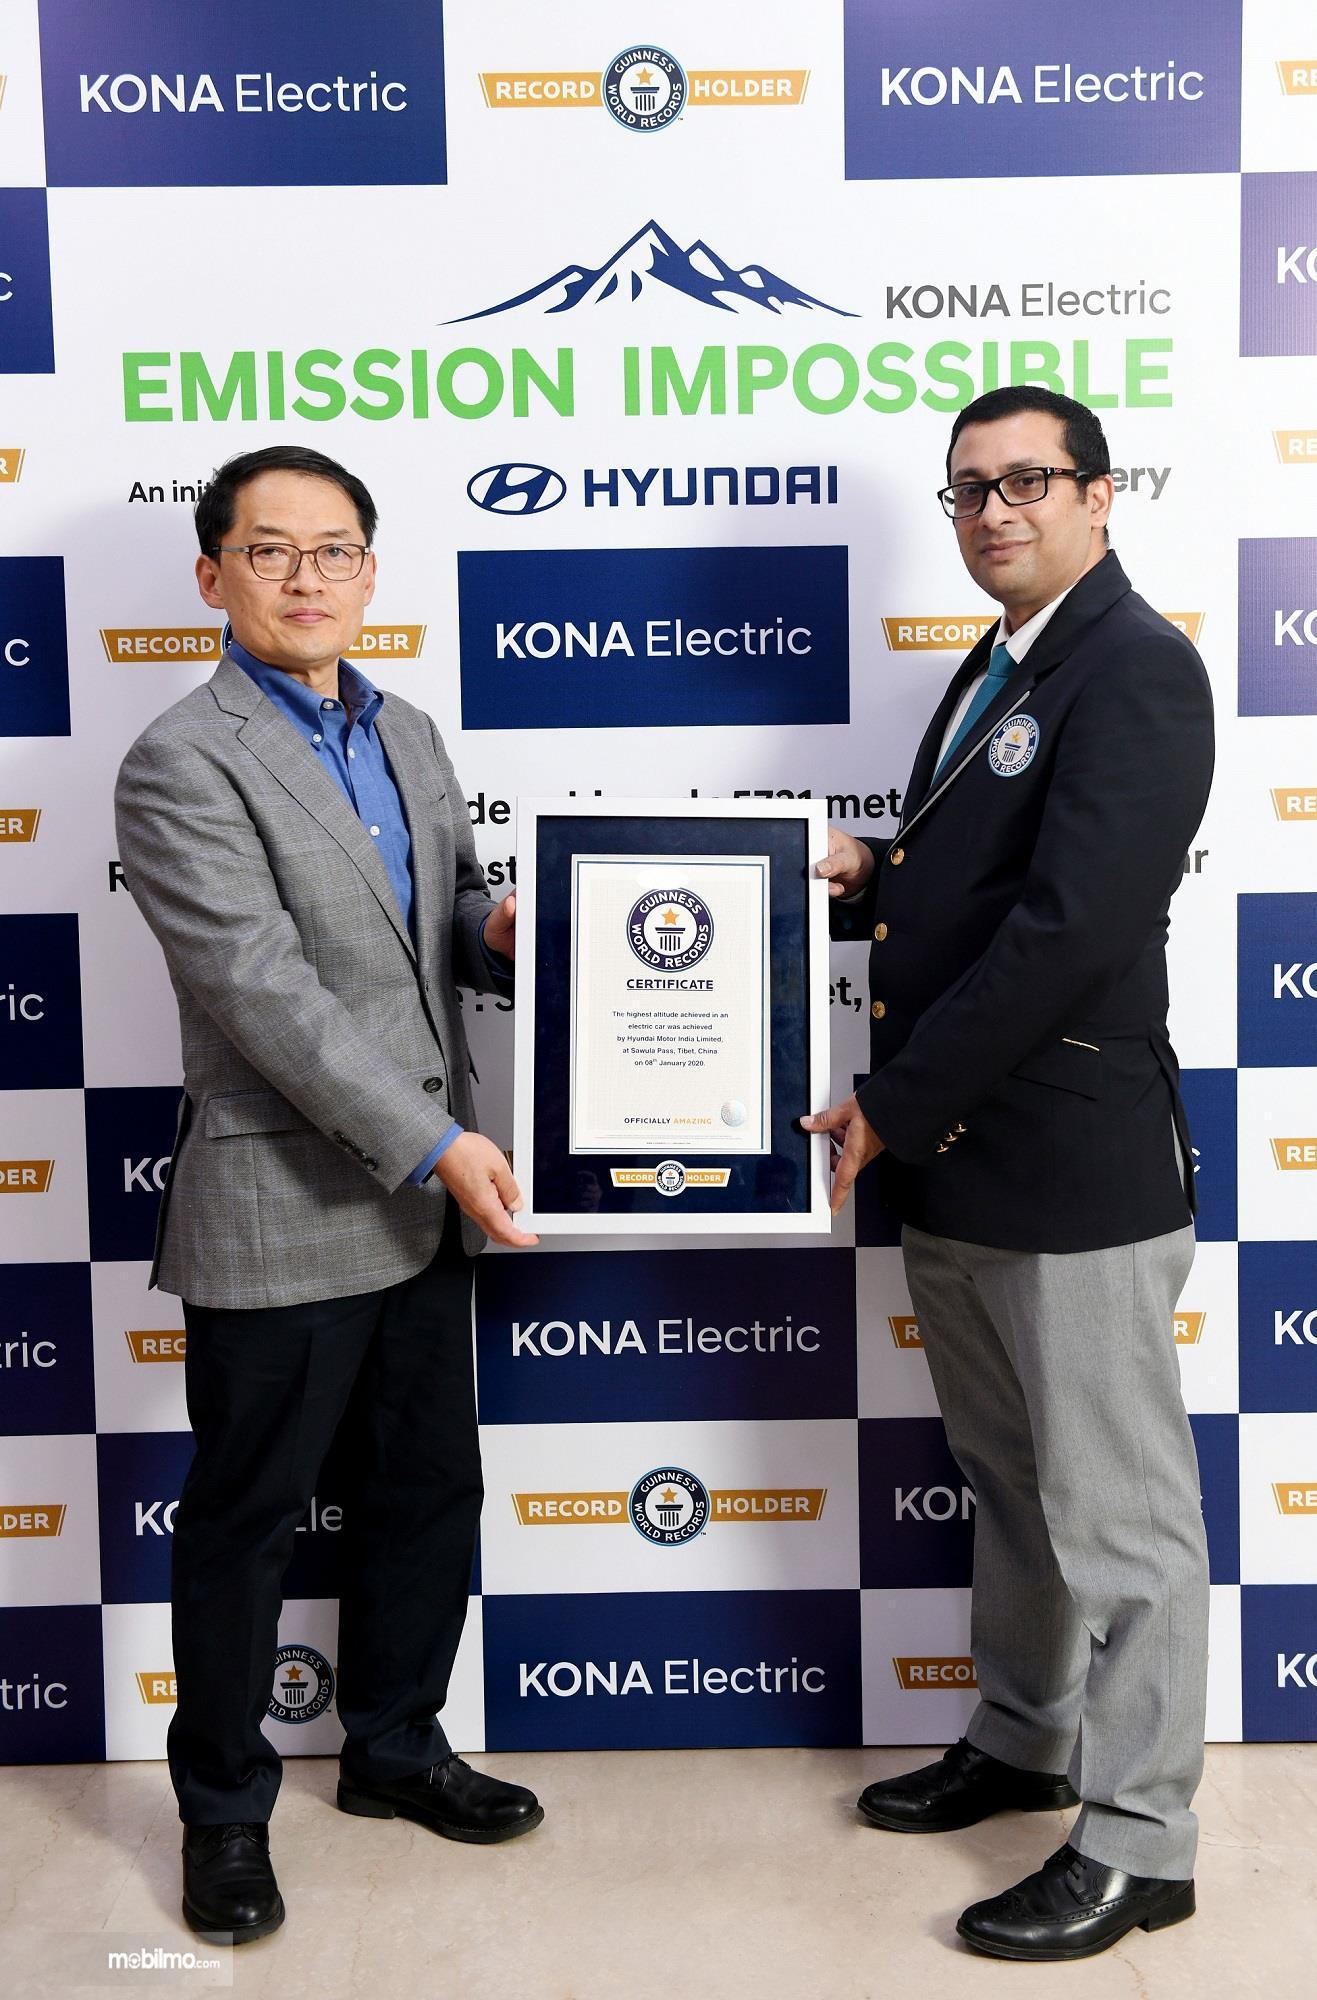 Foto saat Hyundai Kona Electric menerima sertifikat GUINNESS WORLD RECORDS